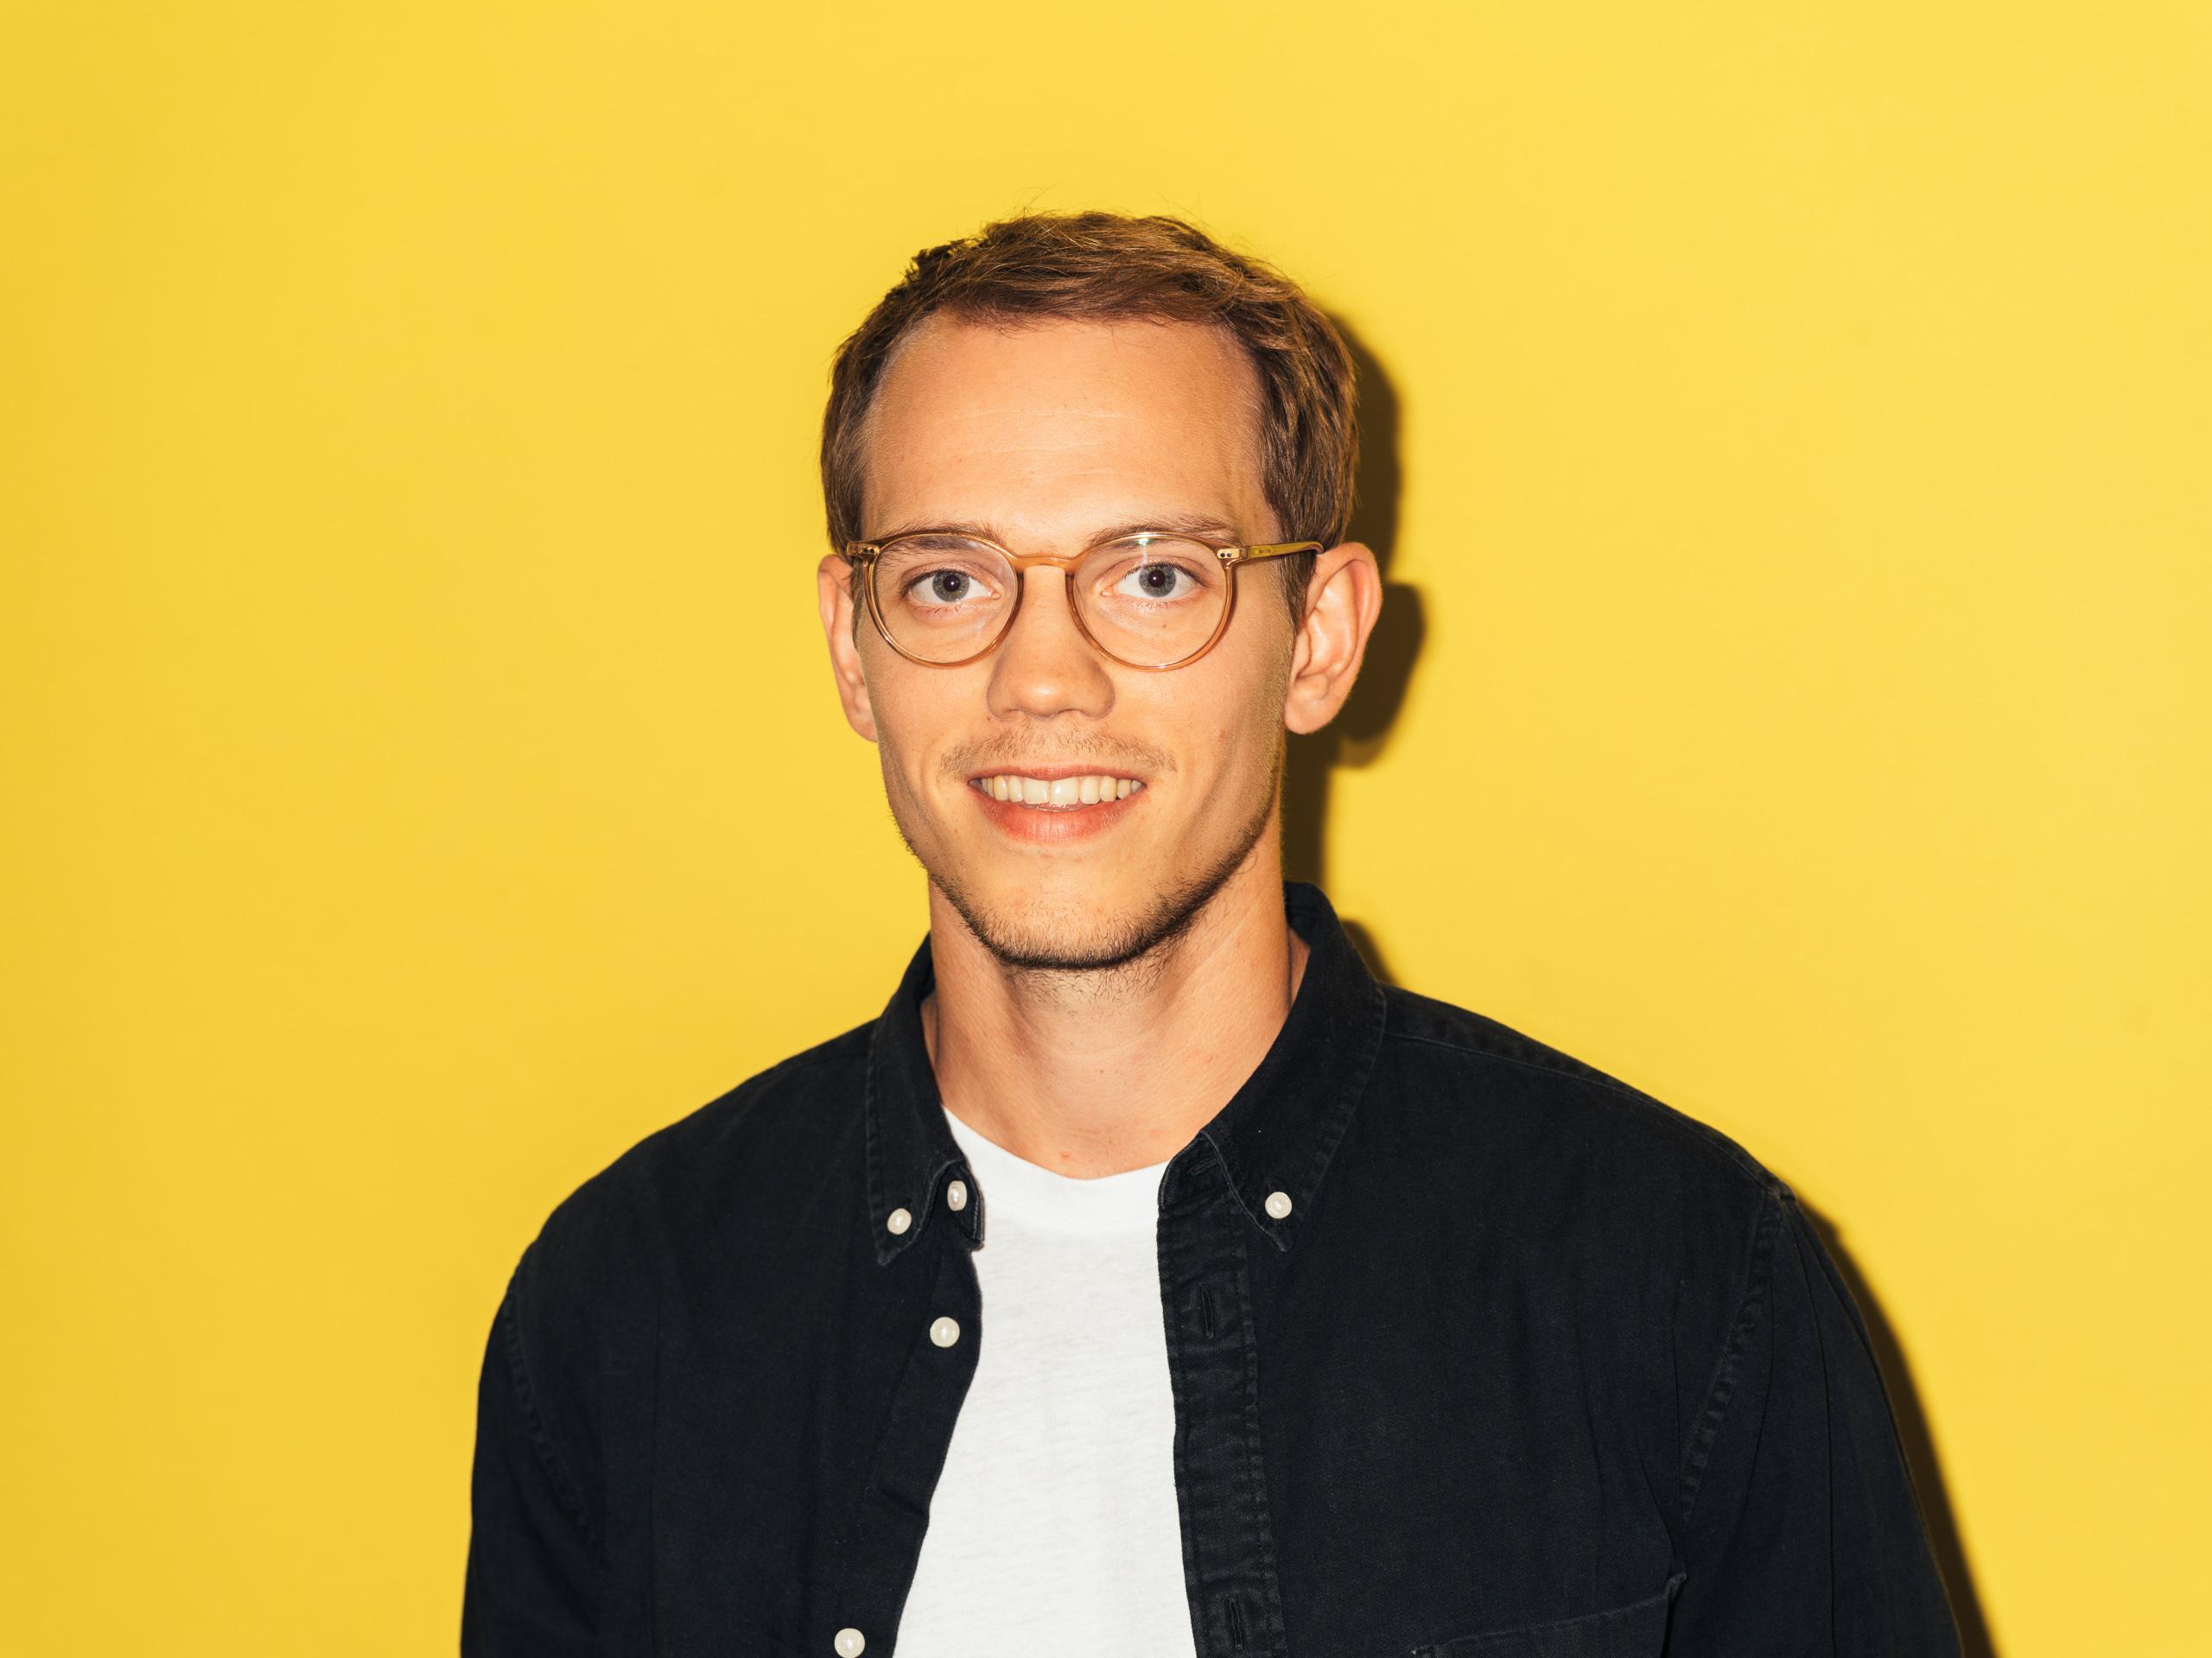 Kevin Krüger